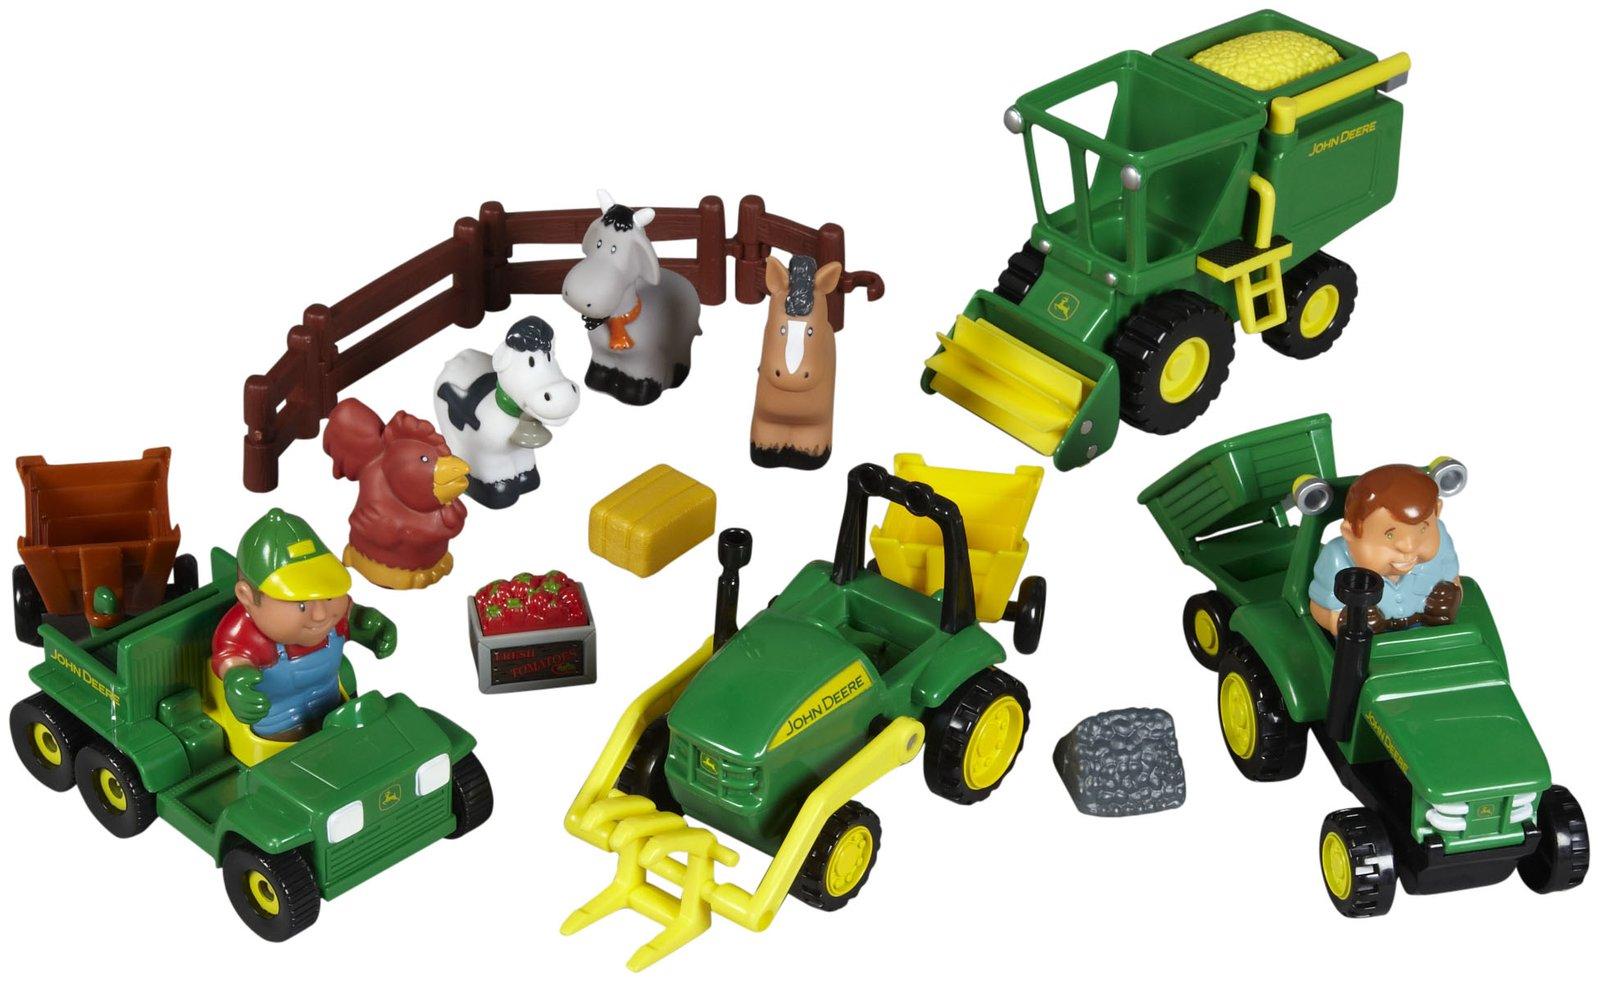 John Deere Fun On The Farm Playset - Free Shipping